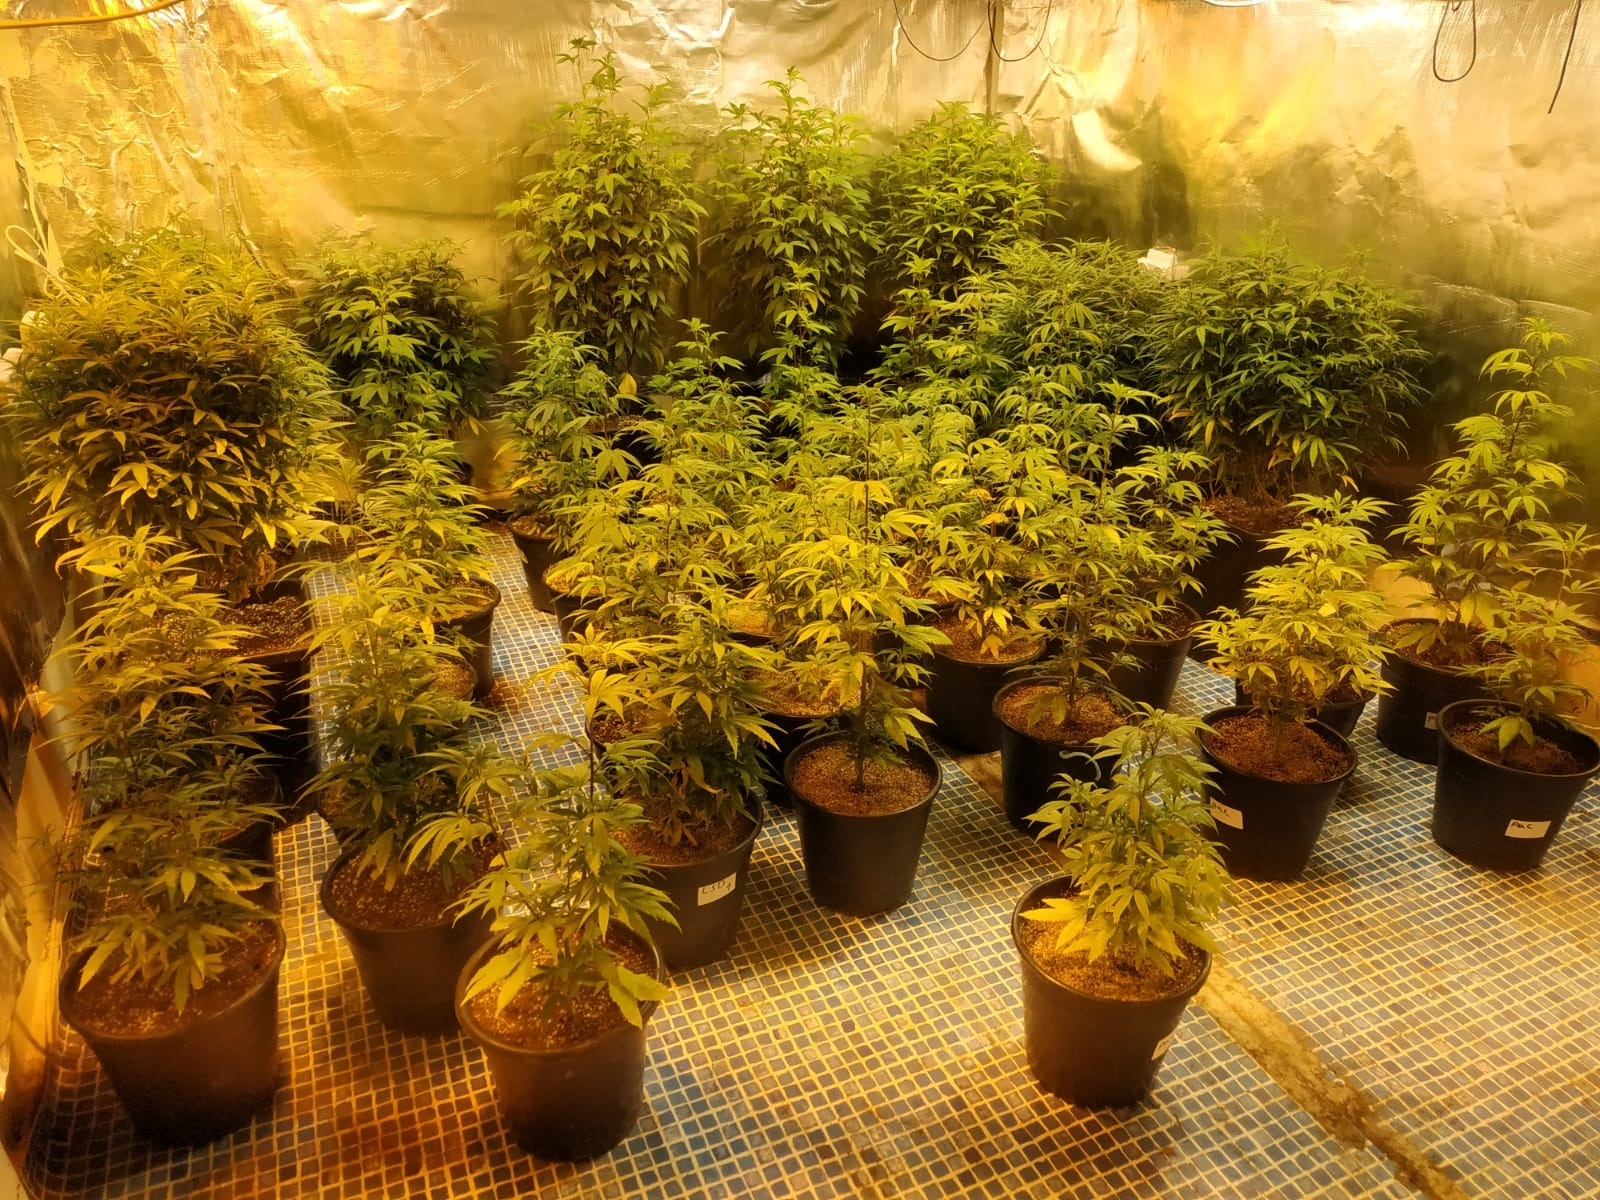 מעבדה לגידול סמים. צילום: דוברות המשטרה